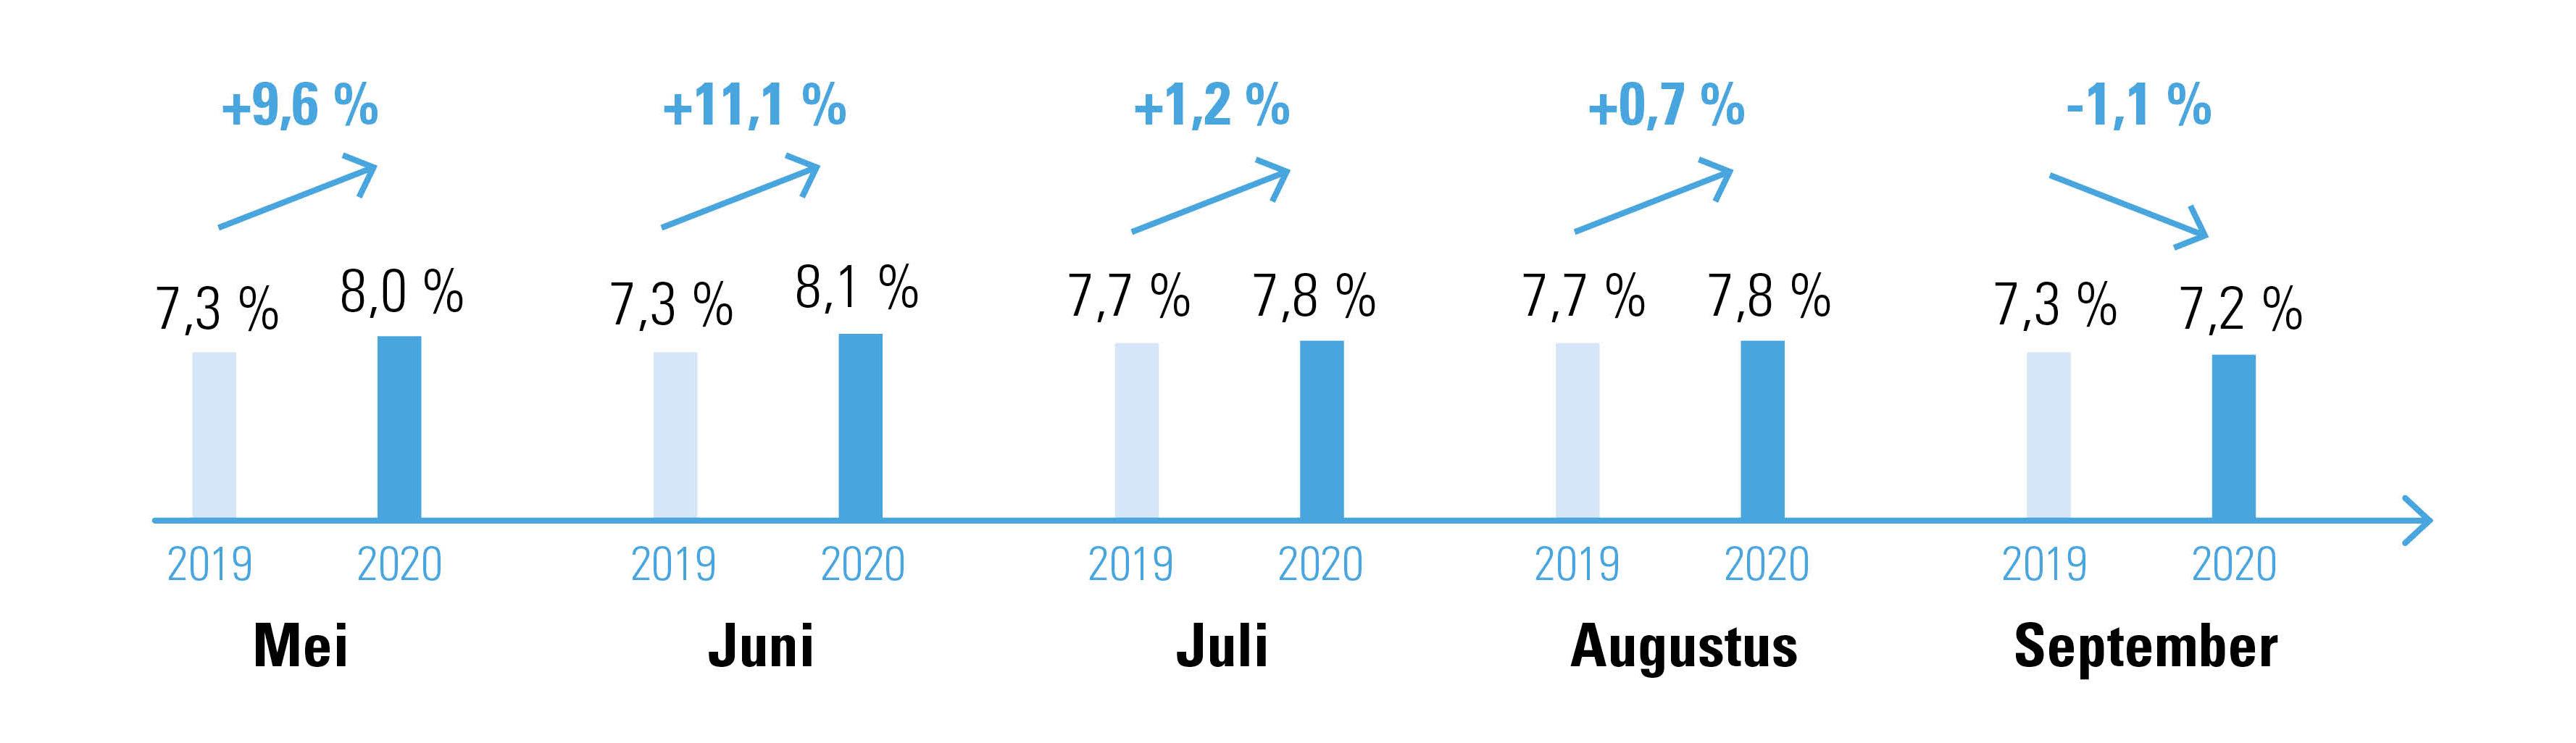 % medewerkers met loopbaanonderbreking en evolutie 2019-2020